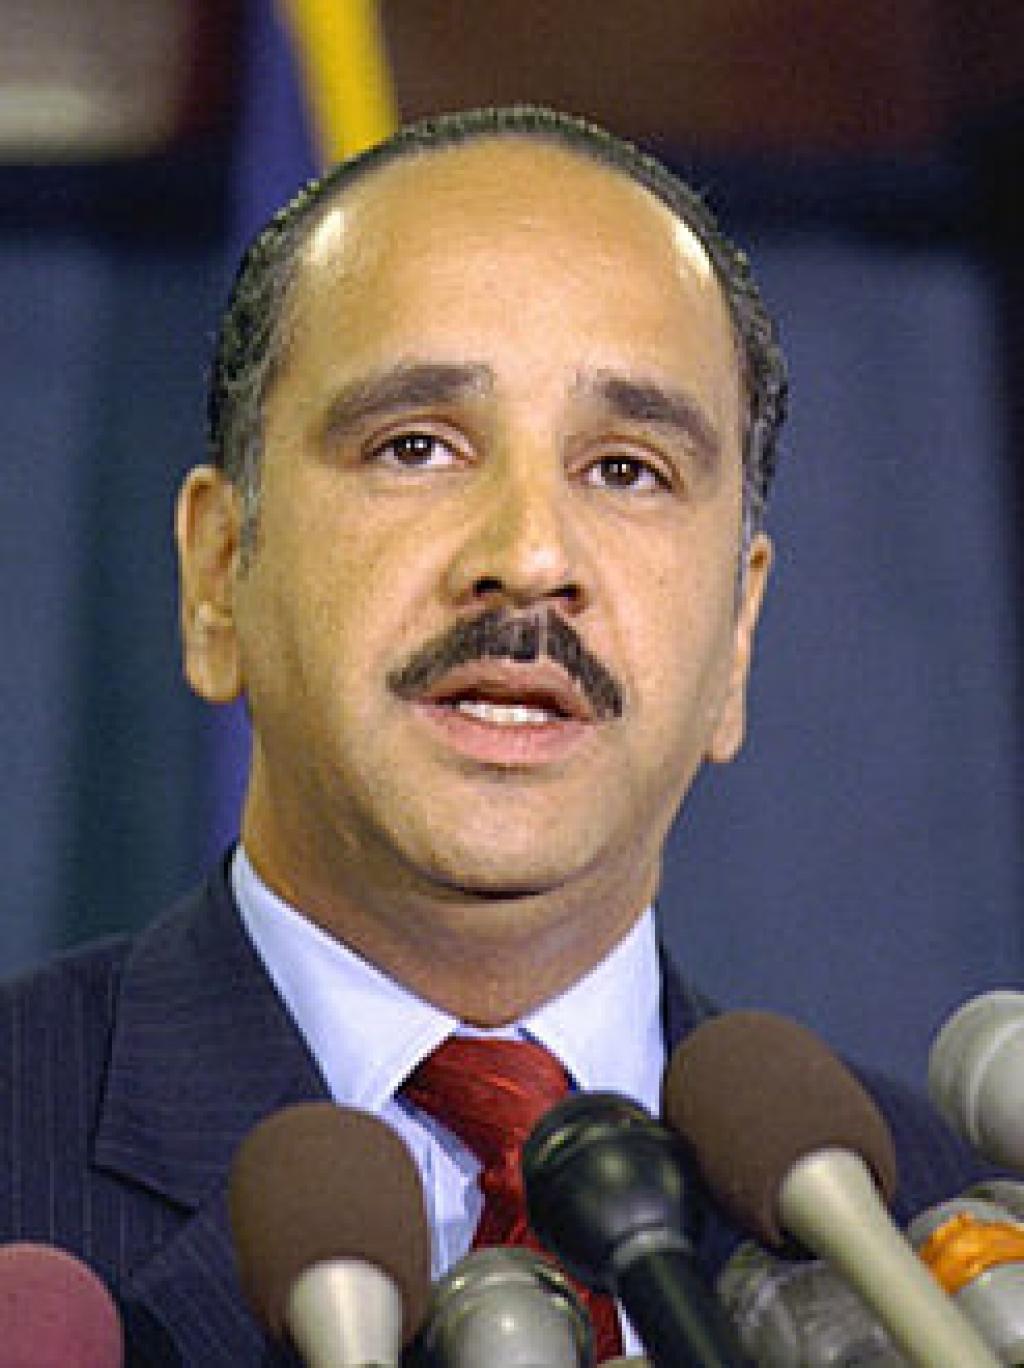 الشريف علي بن الحسين يعلن ترشيحه لرئاسة الوزراء